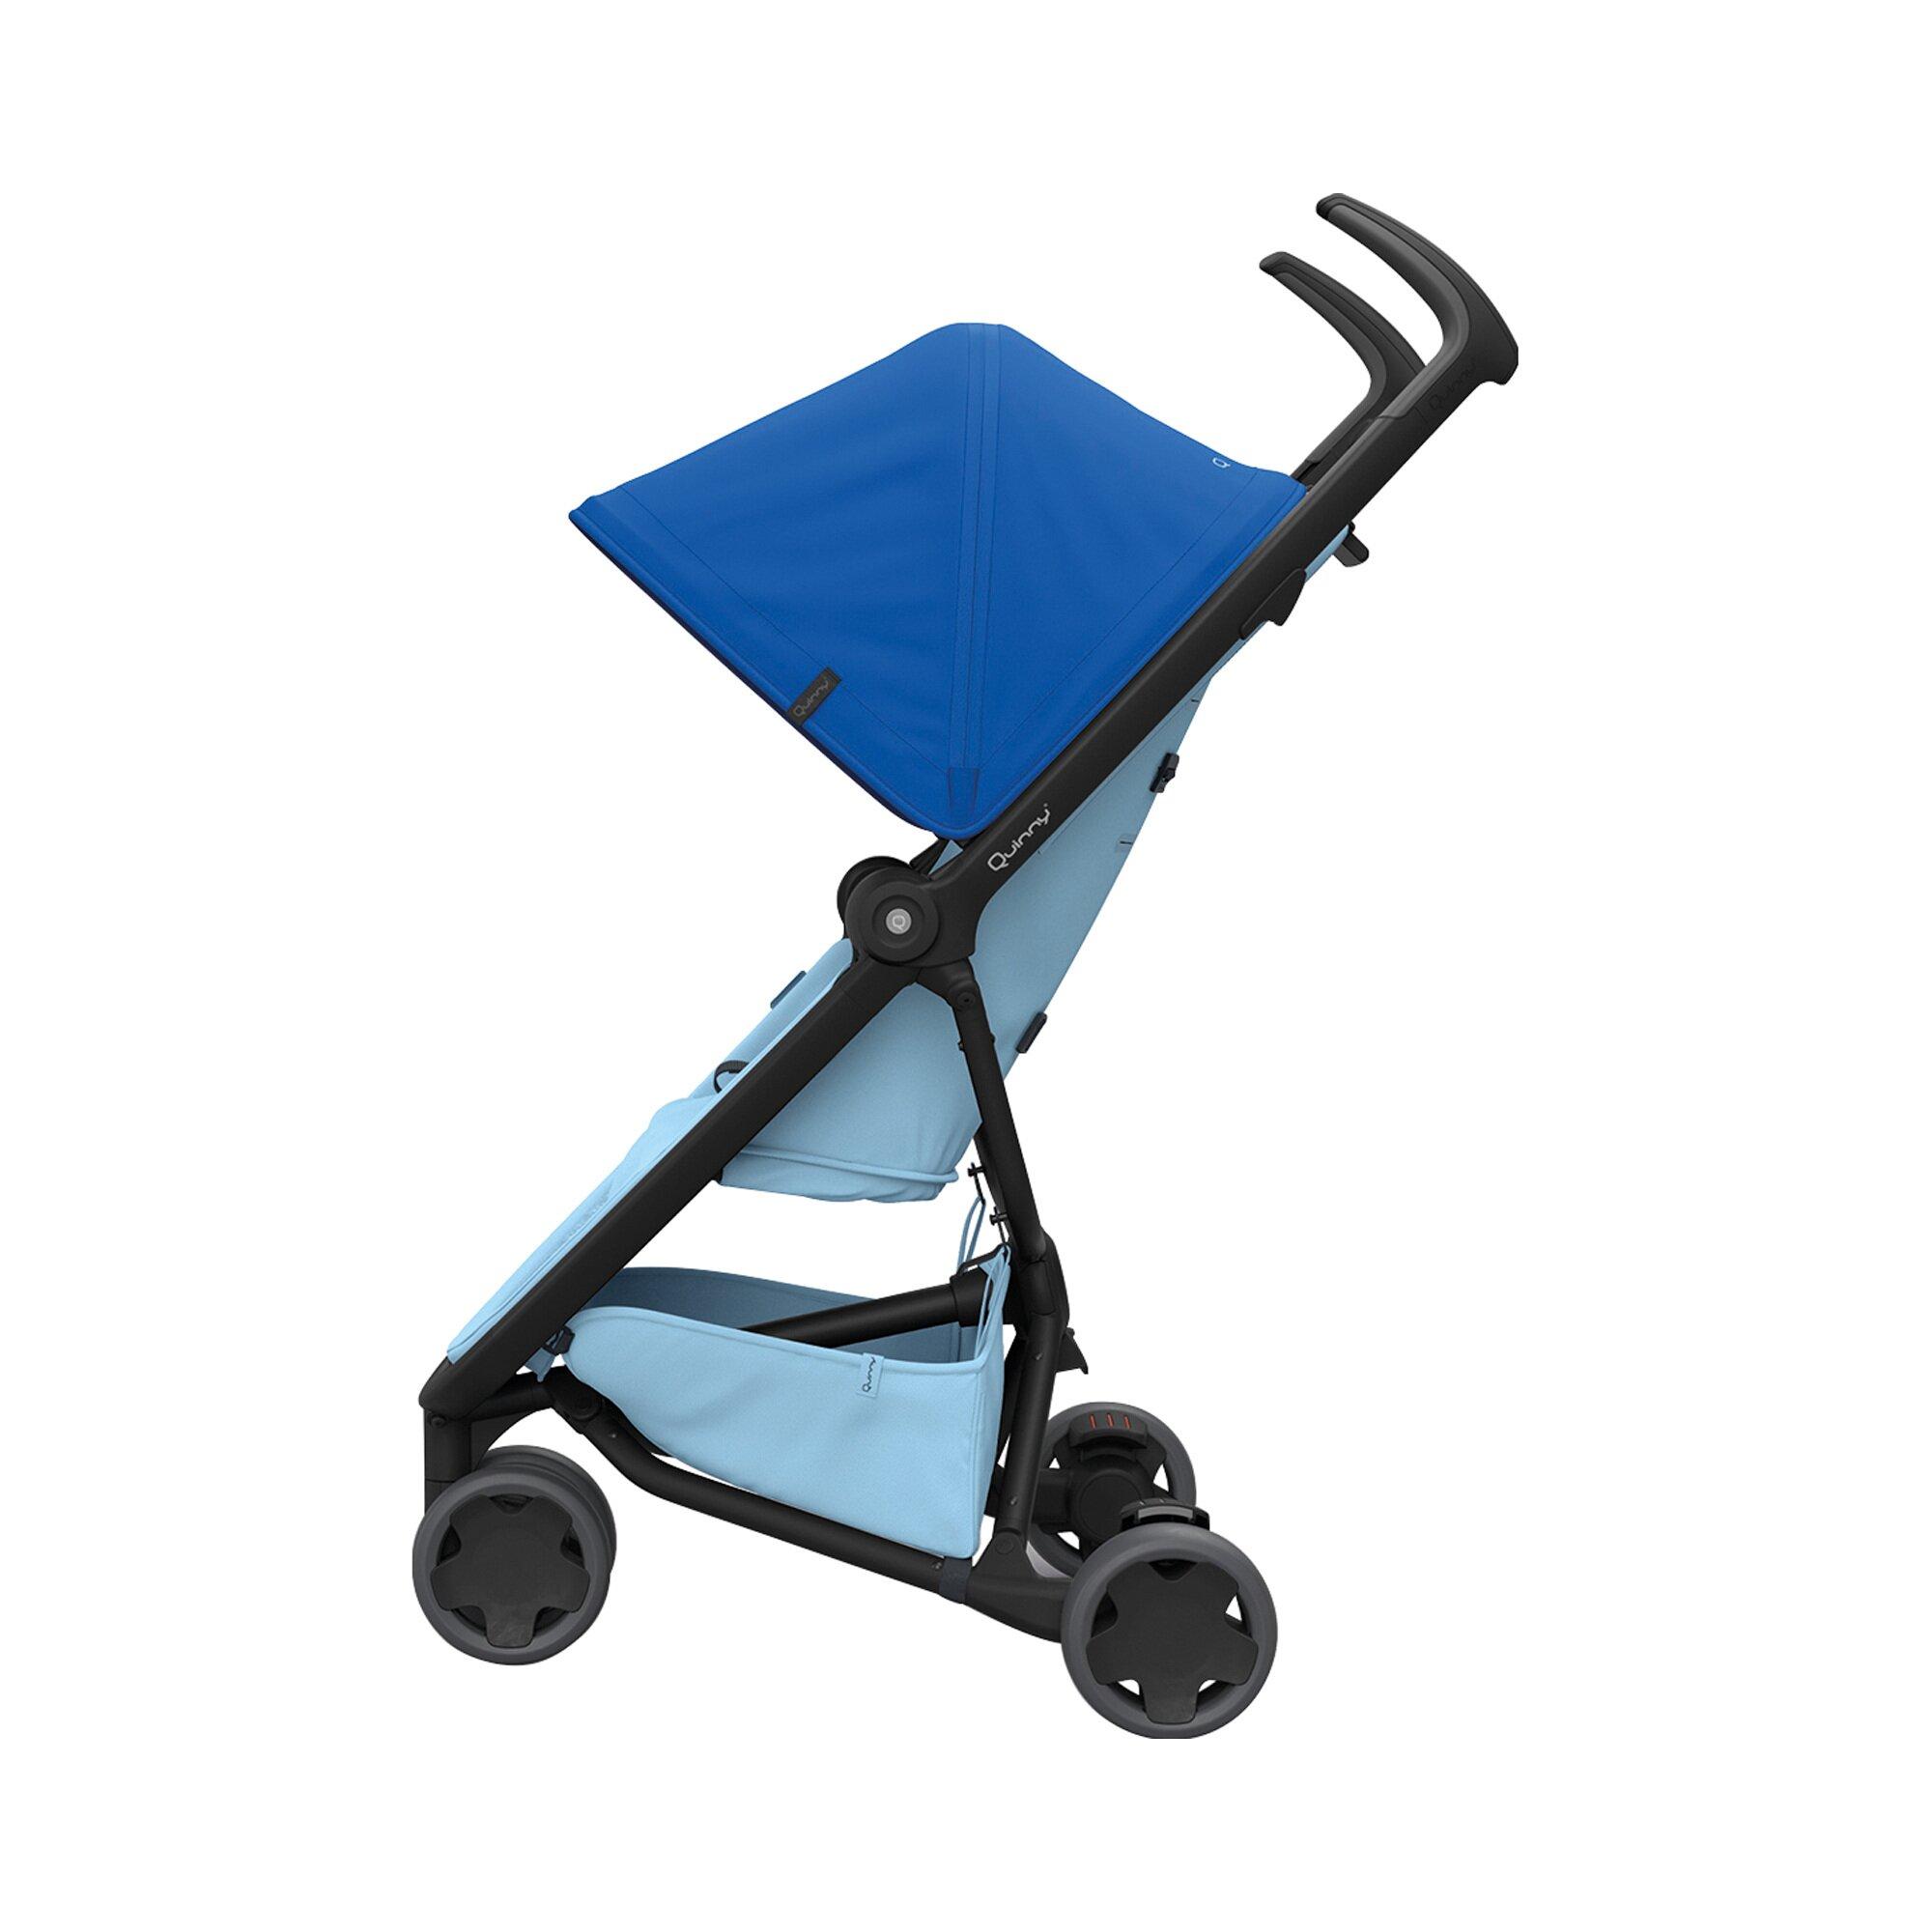 zapp-flex-buggy-mit-liegefunktion-blau